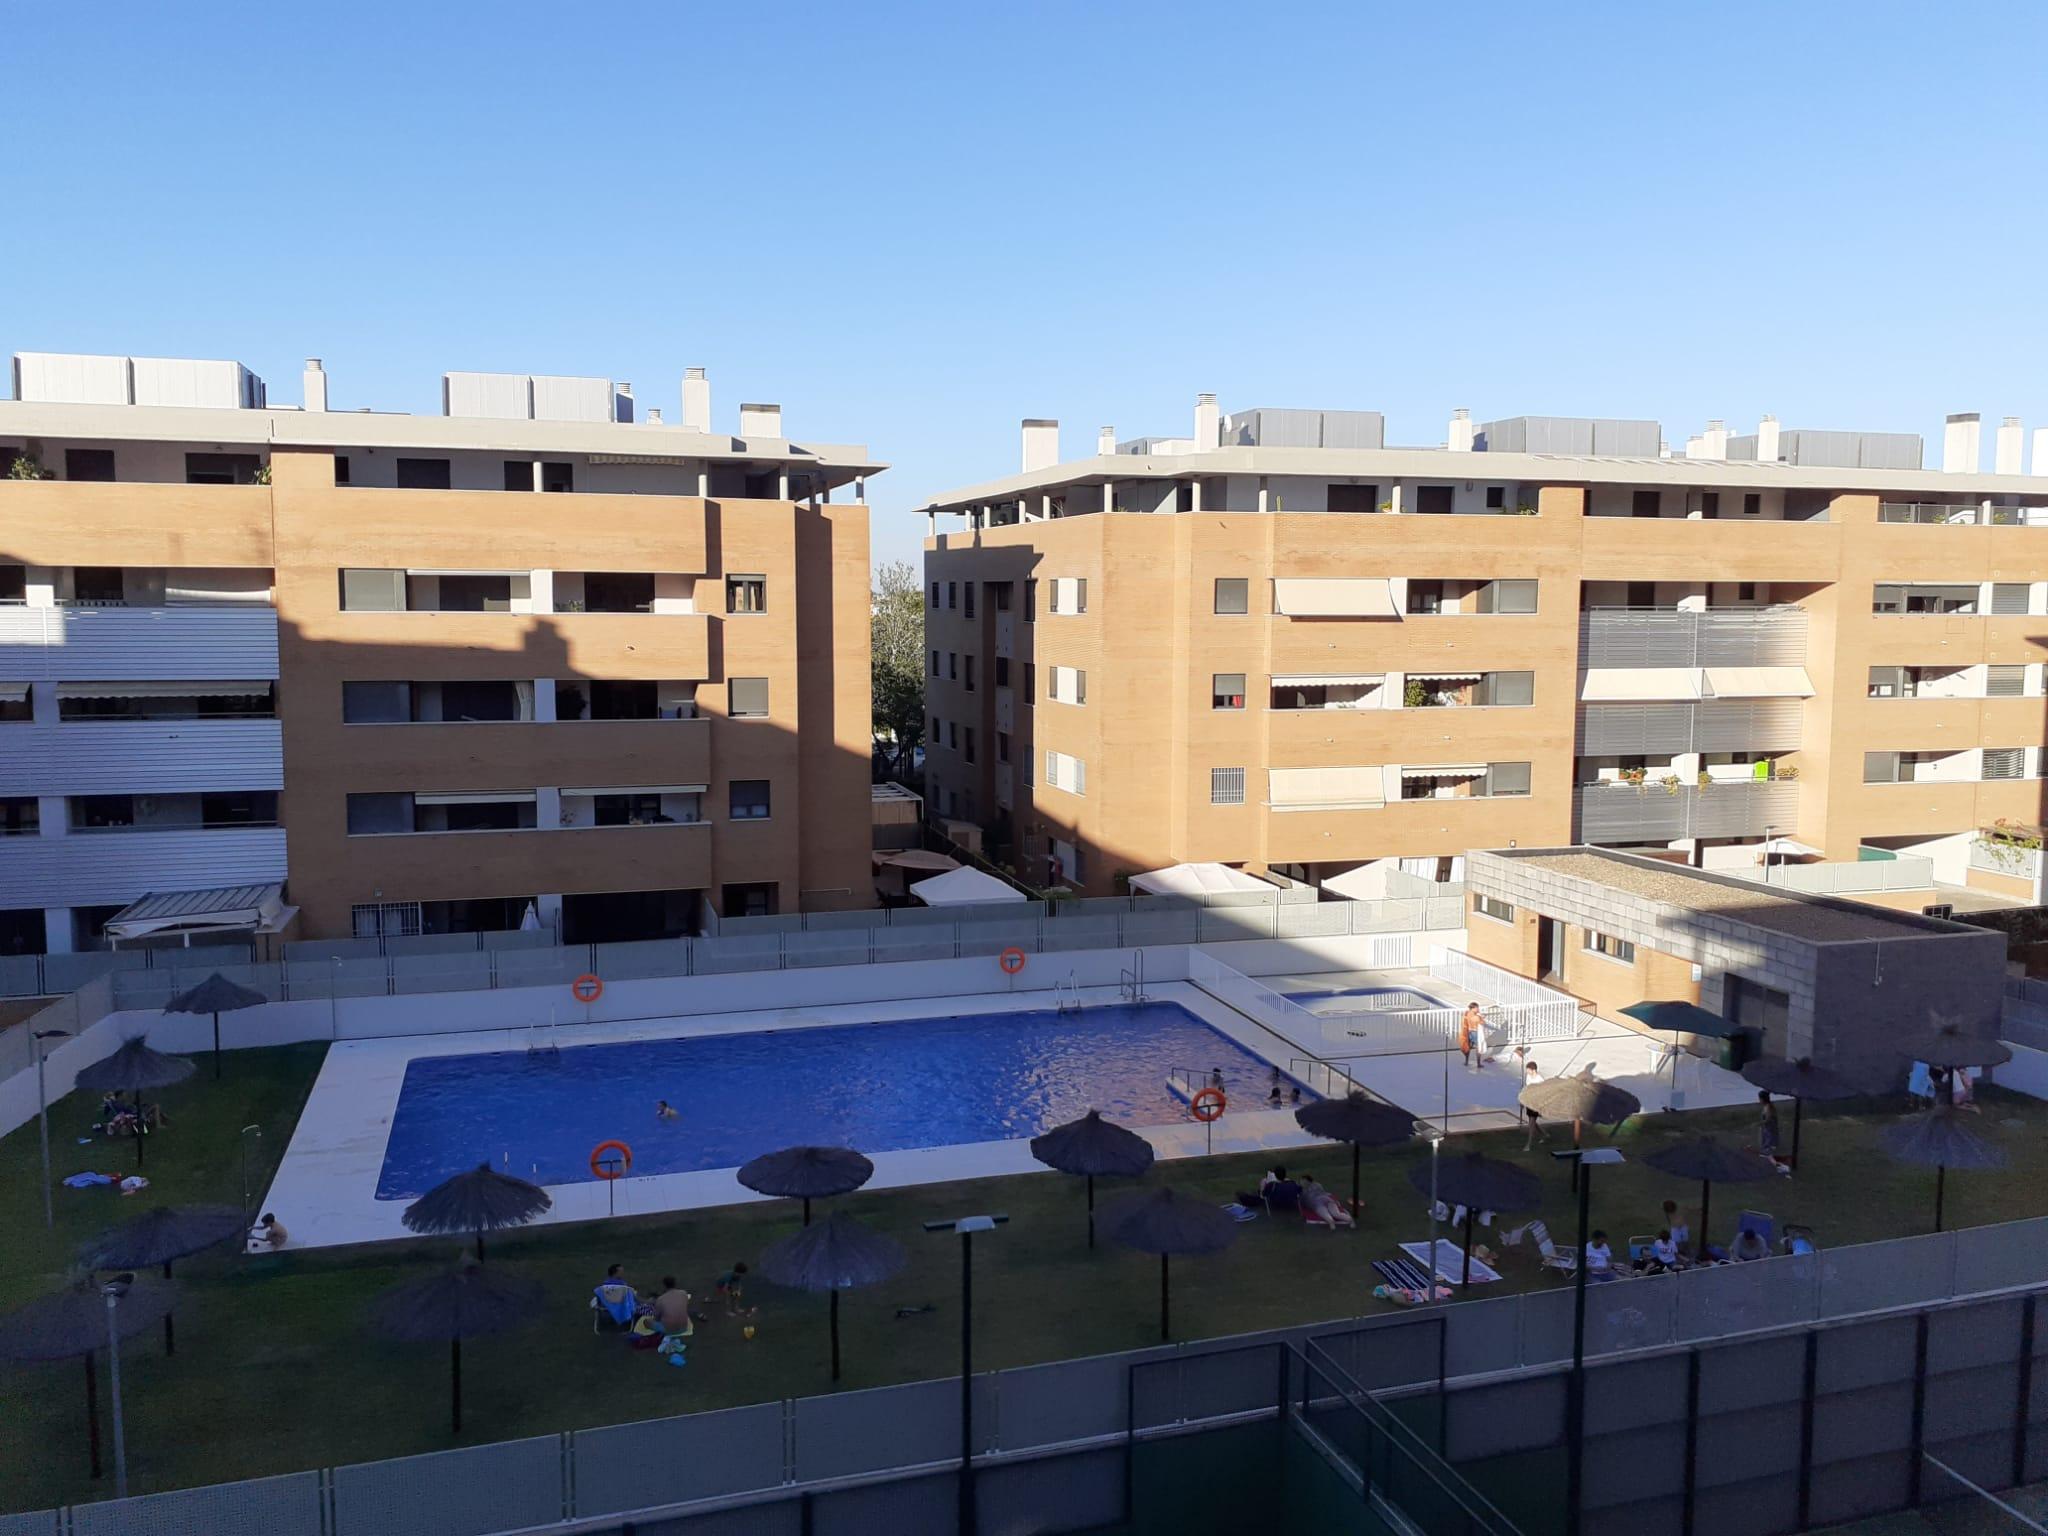 Se vende piso de 2 dormitorios en Mairena del Aljarafe Nuevo Bulevar